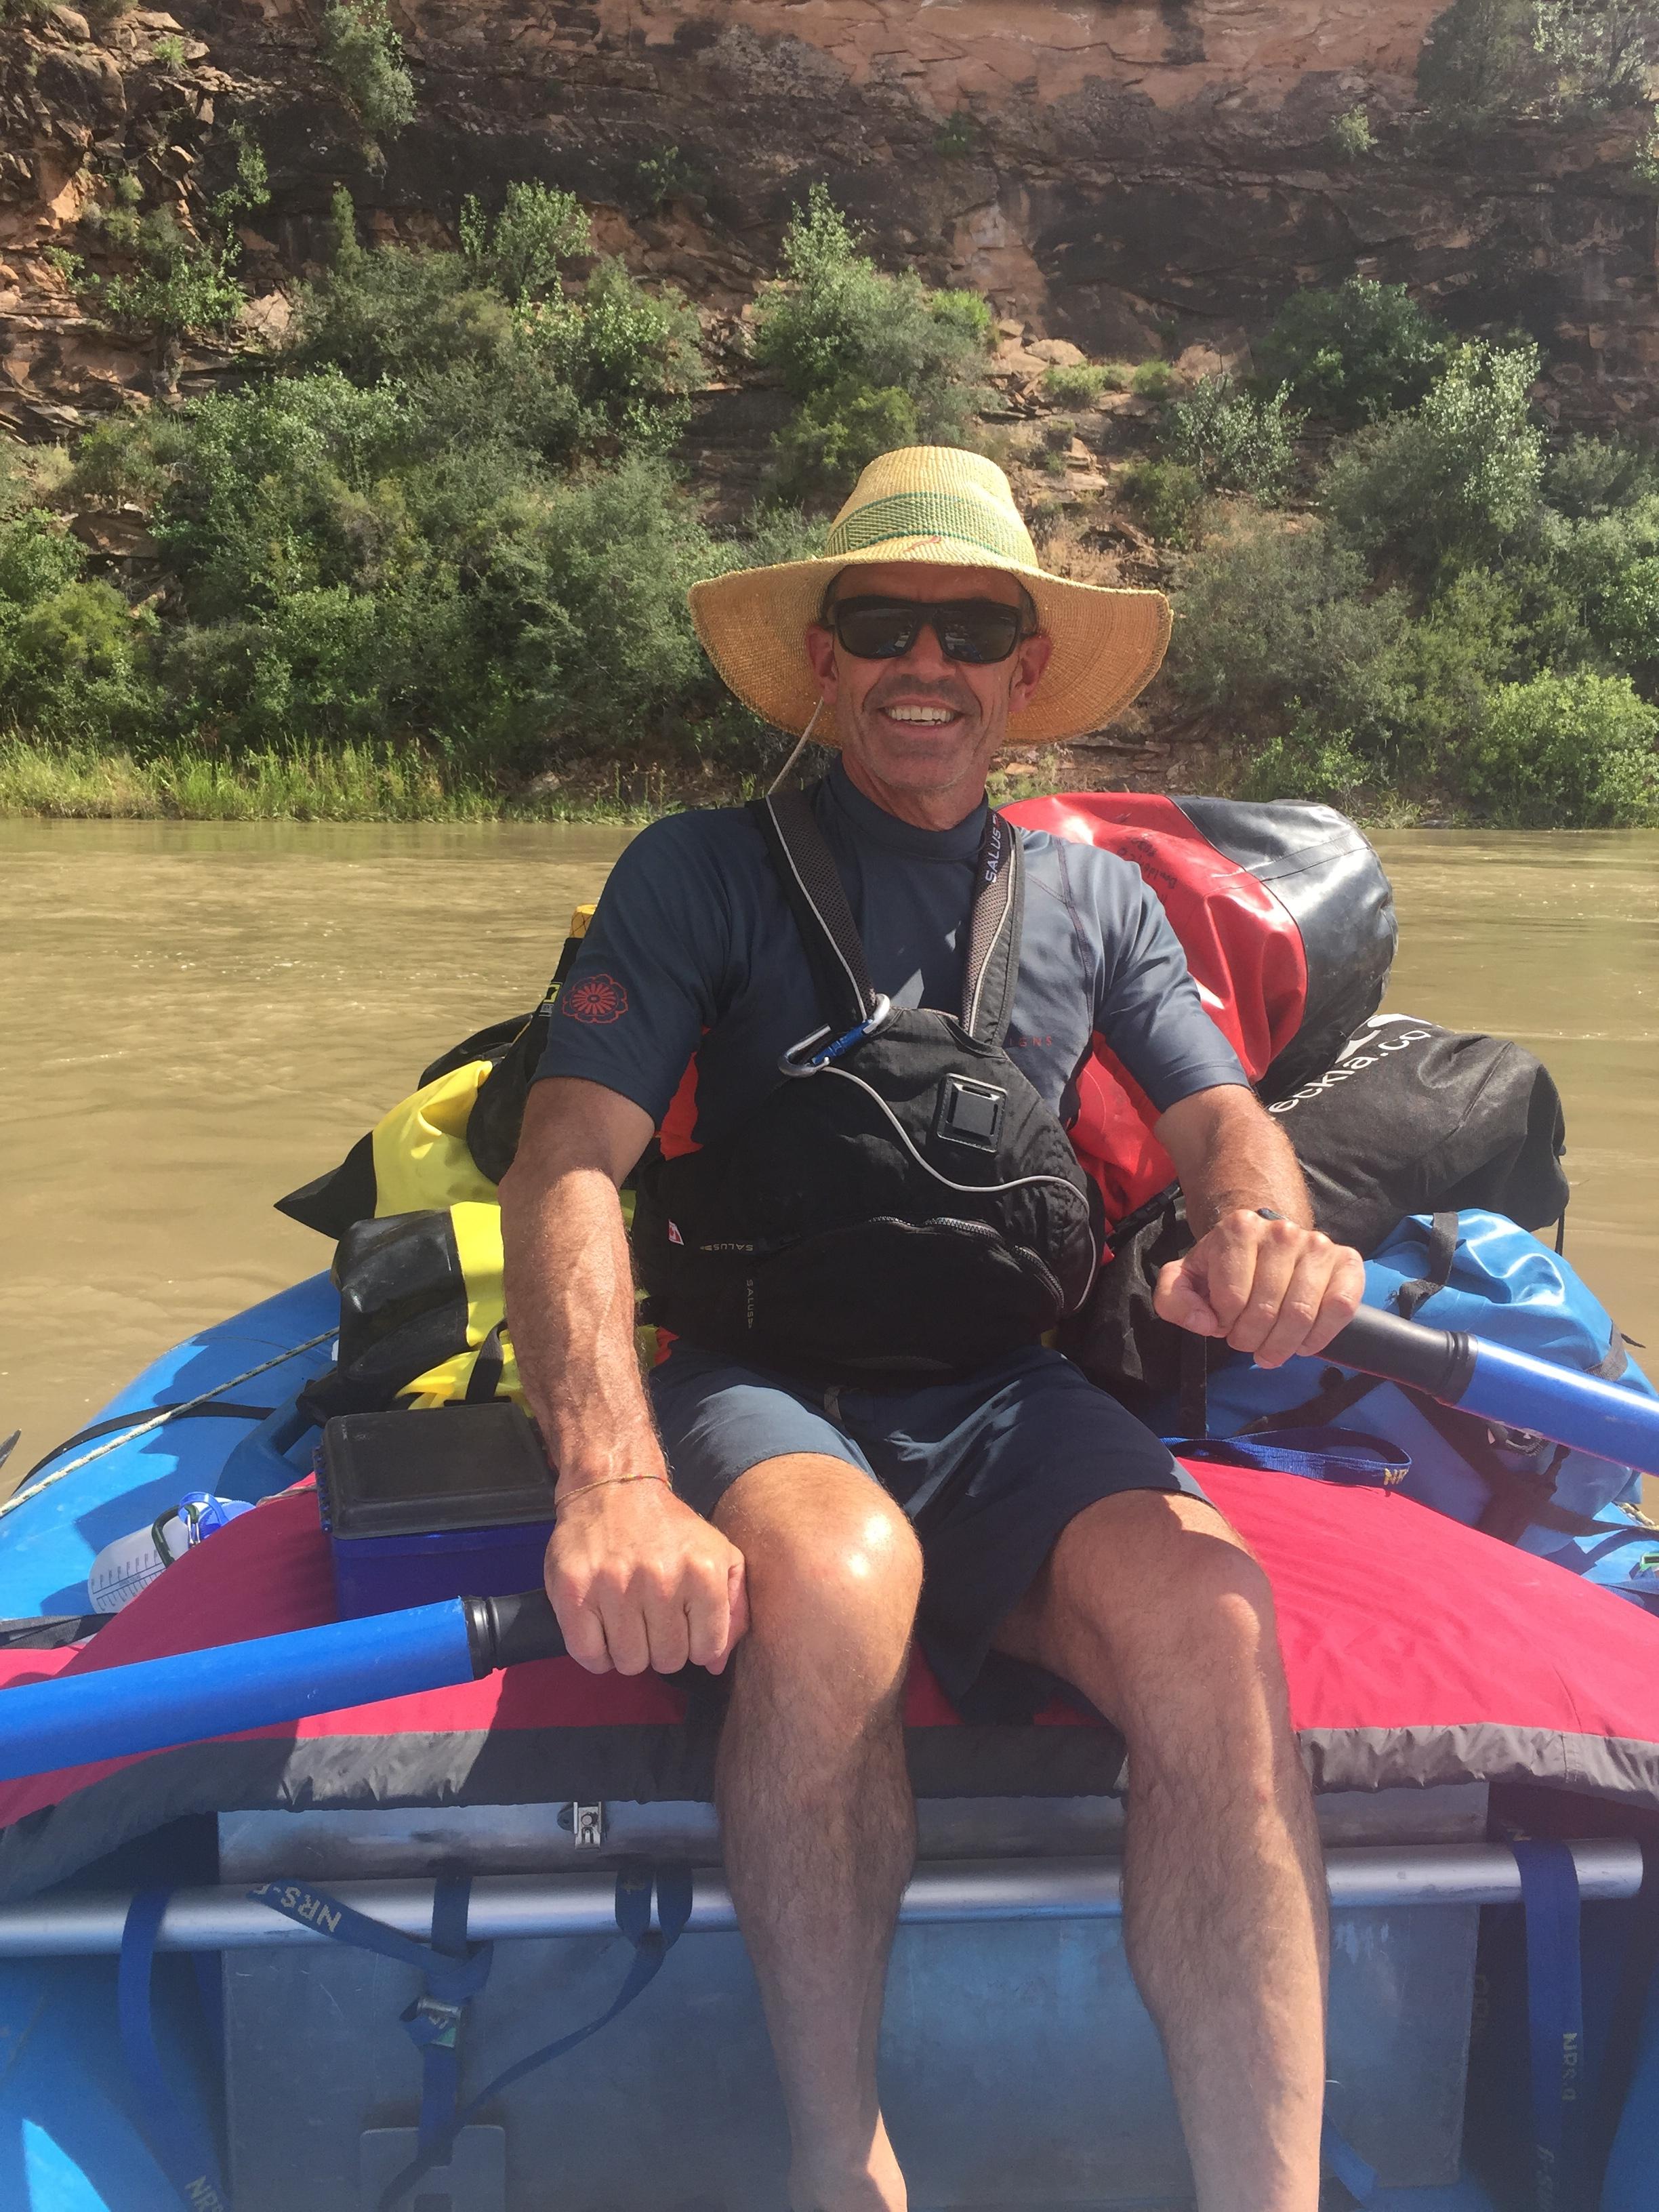 Gareth-richards-CEO-outdoor-prolink-dirtbagdreams.com